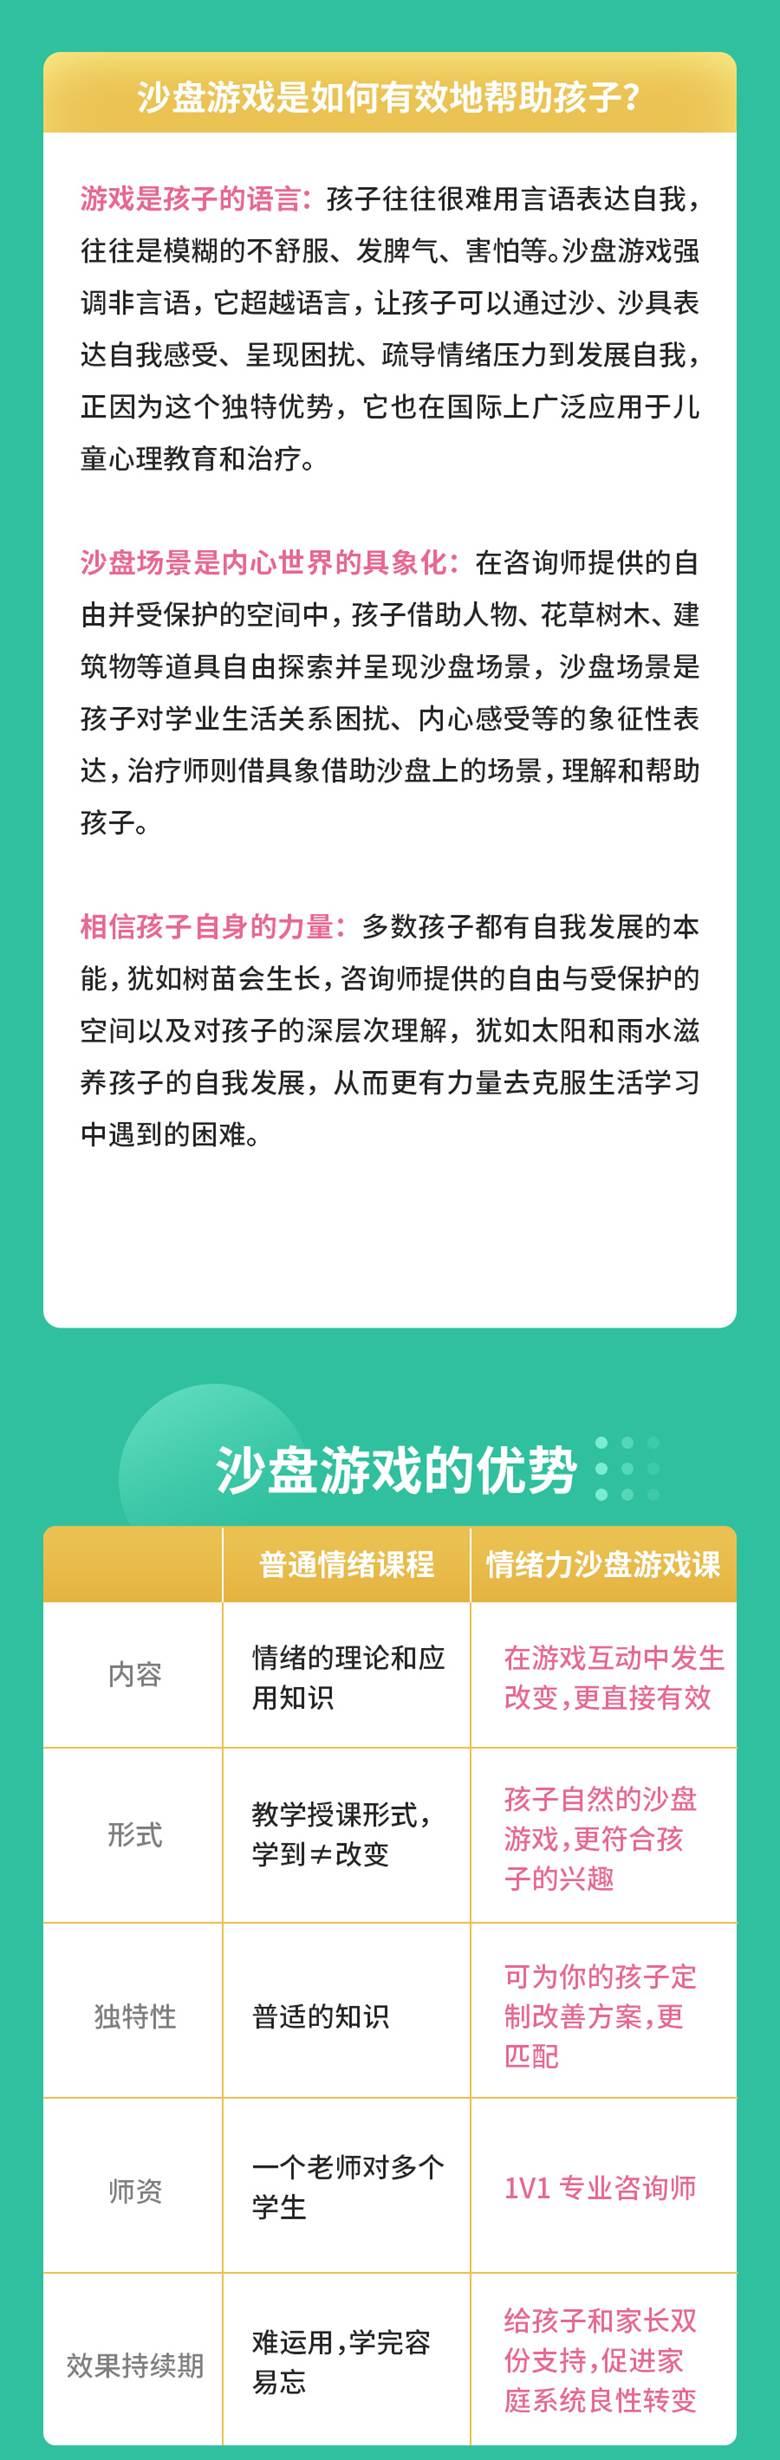 深圳-沙盘_02.jpg